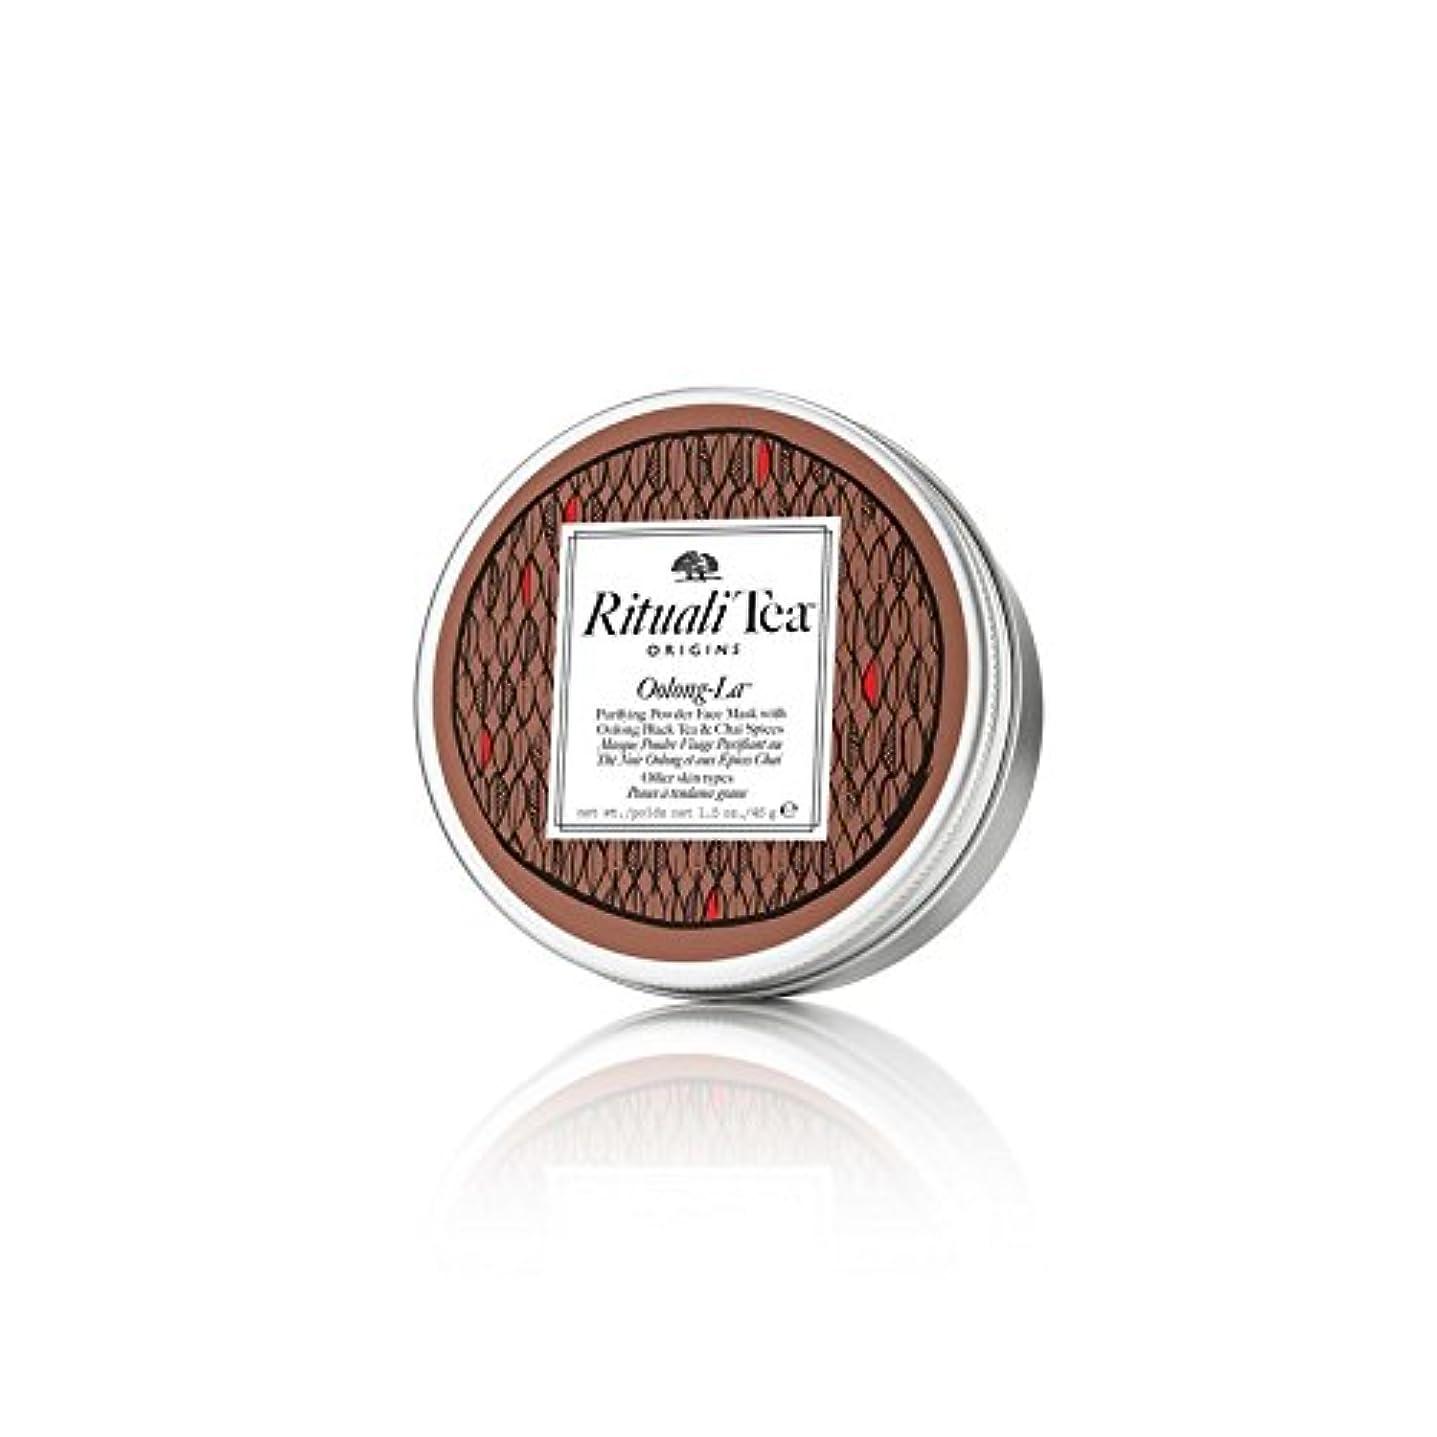 論争的選択解放する起源抹茶フェイスマスク烏龍茶ラ45グラム x4 - Origins Powdered Tea Face Mask Oolong-La 45g (Pack of 4) [並行輸入品]